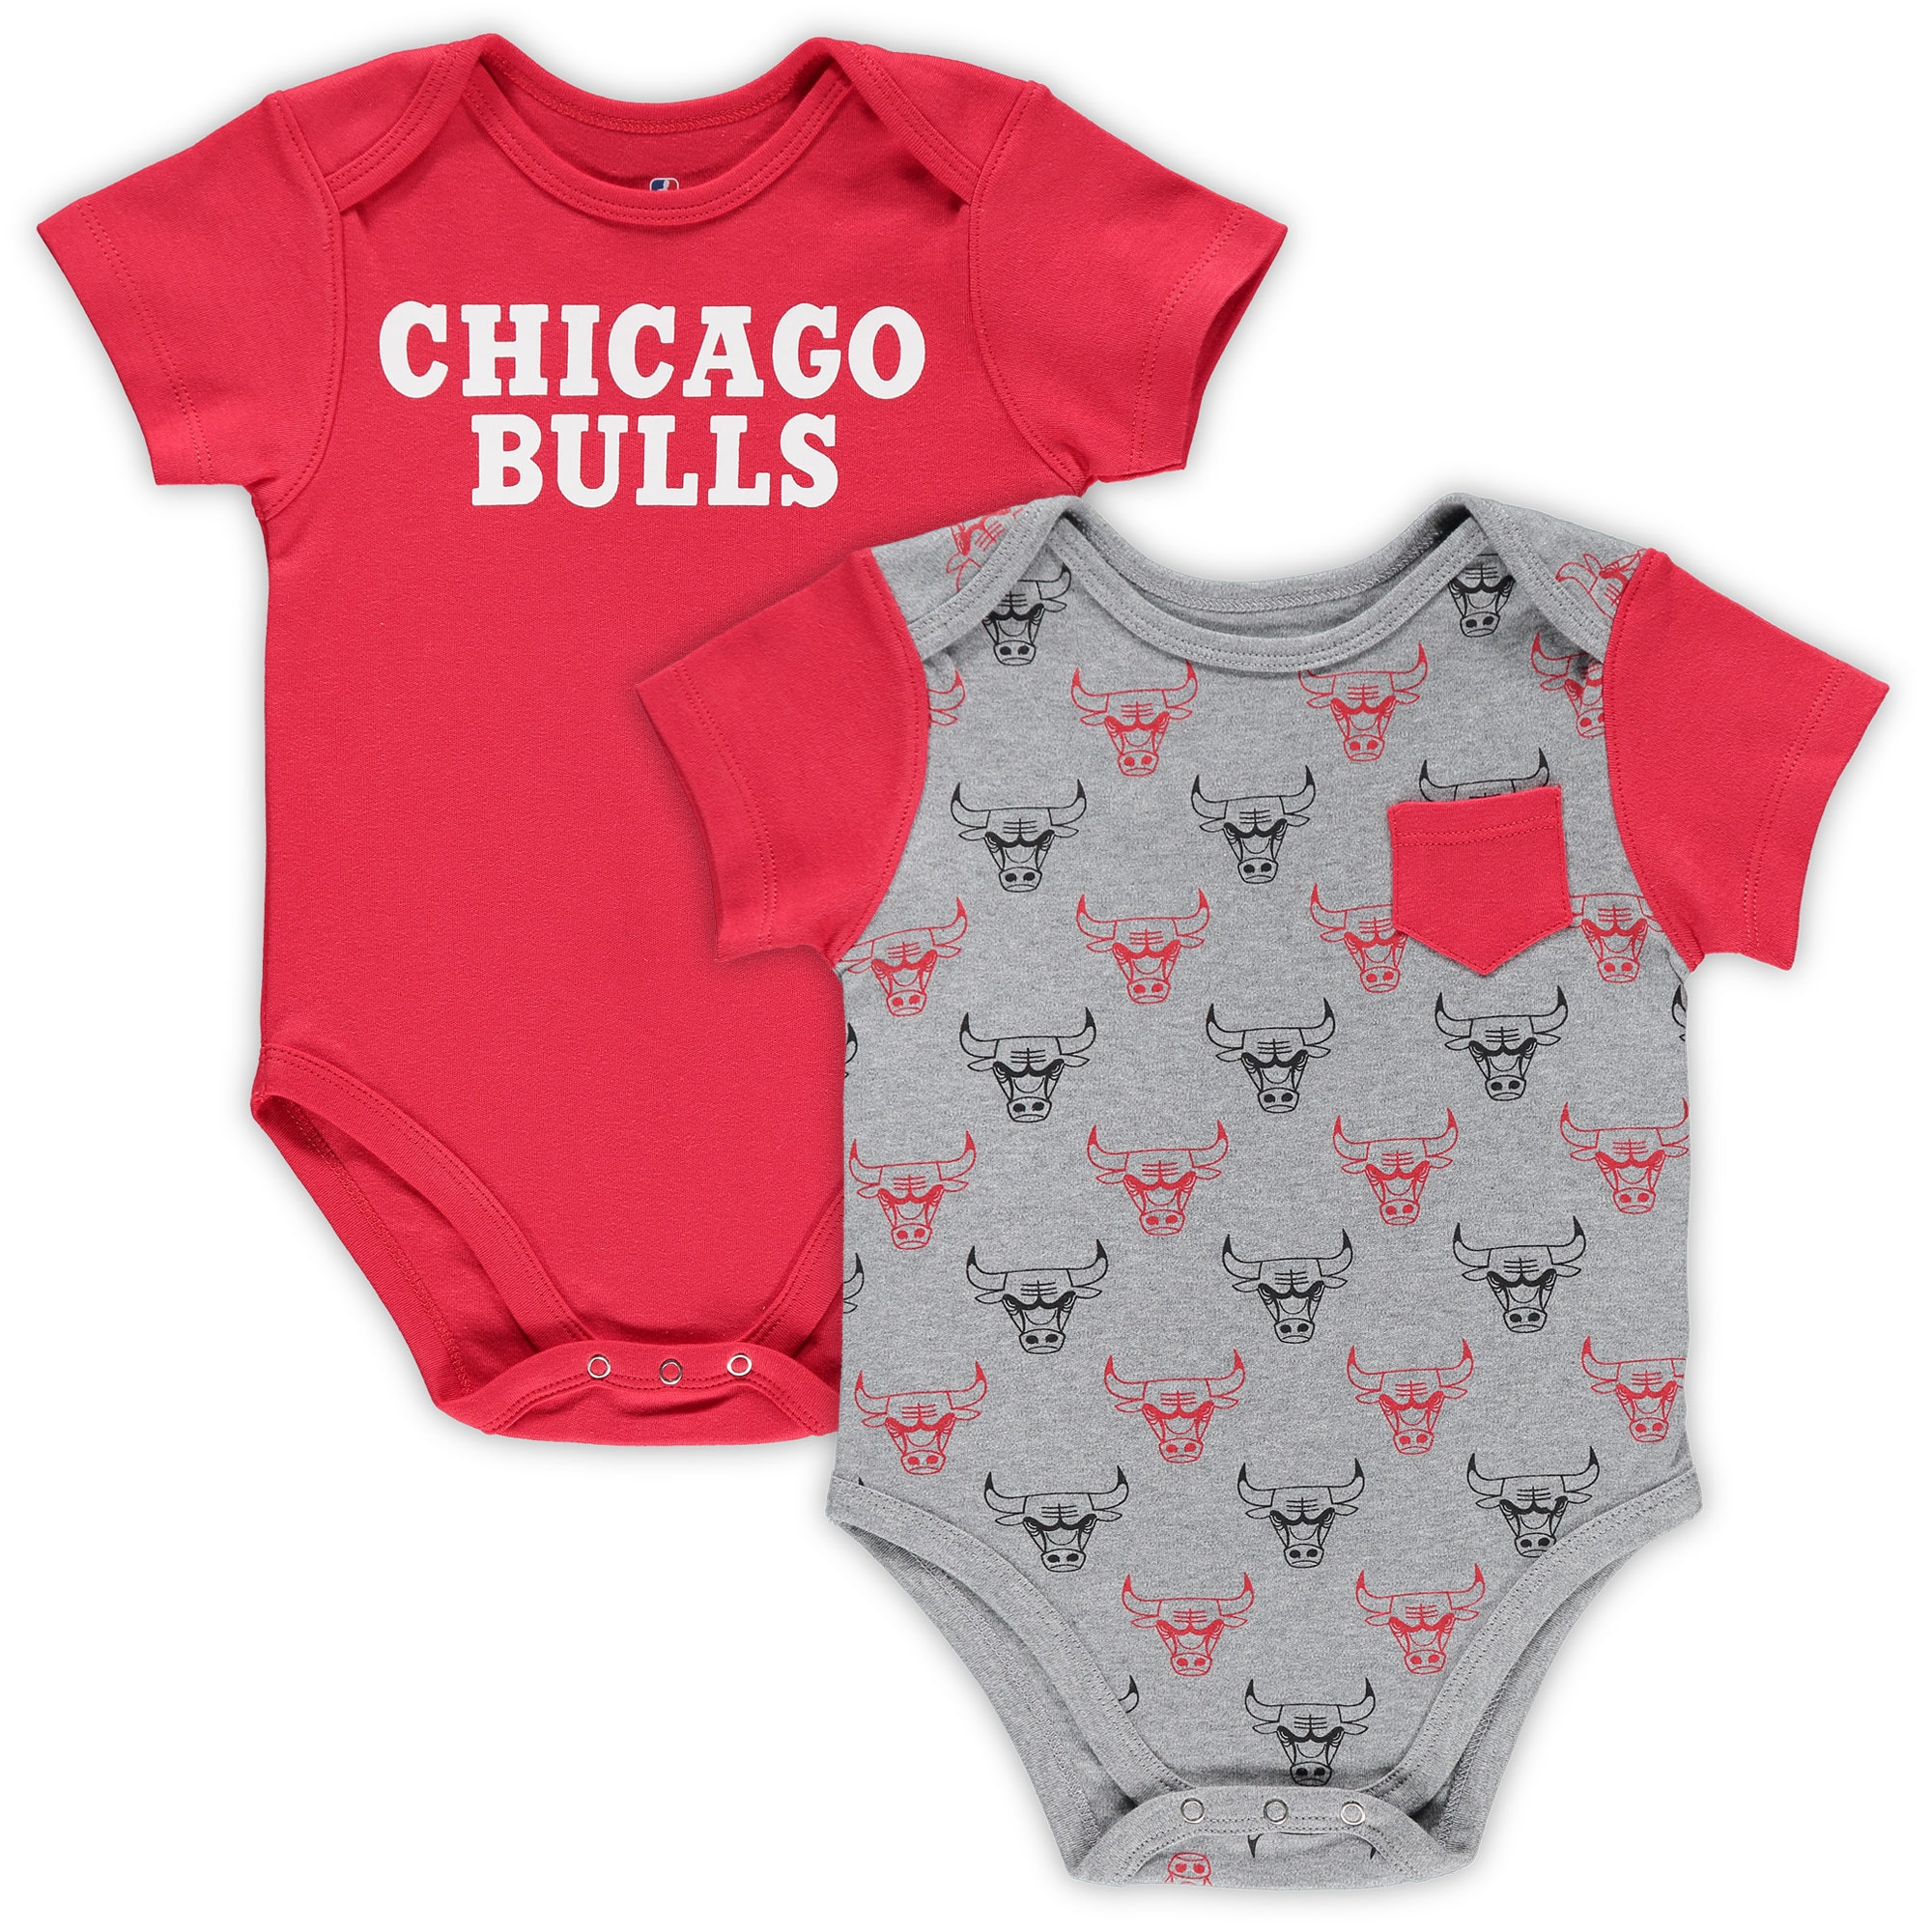 Chicago Bulls Infant Little Baller 2-Pack Bodysuit Set - Red/Heathered Gray